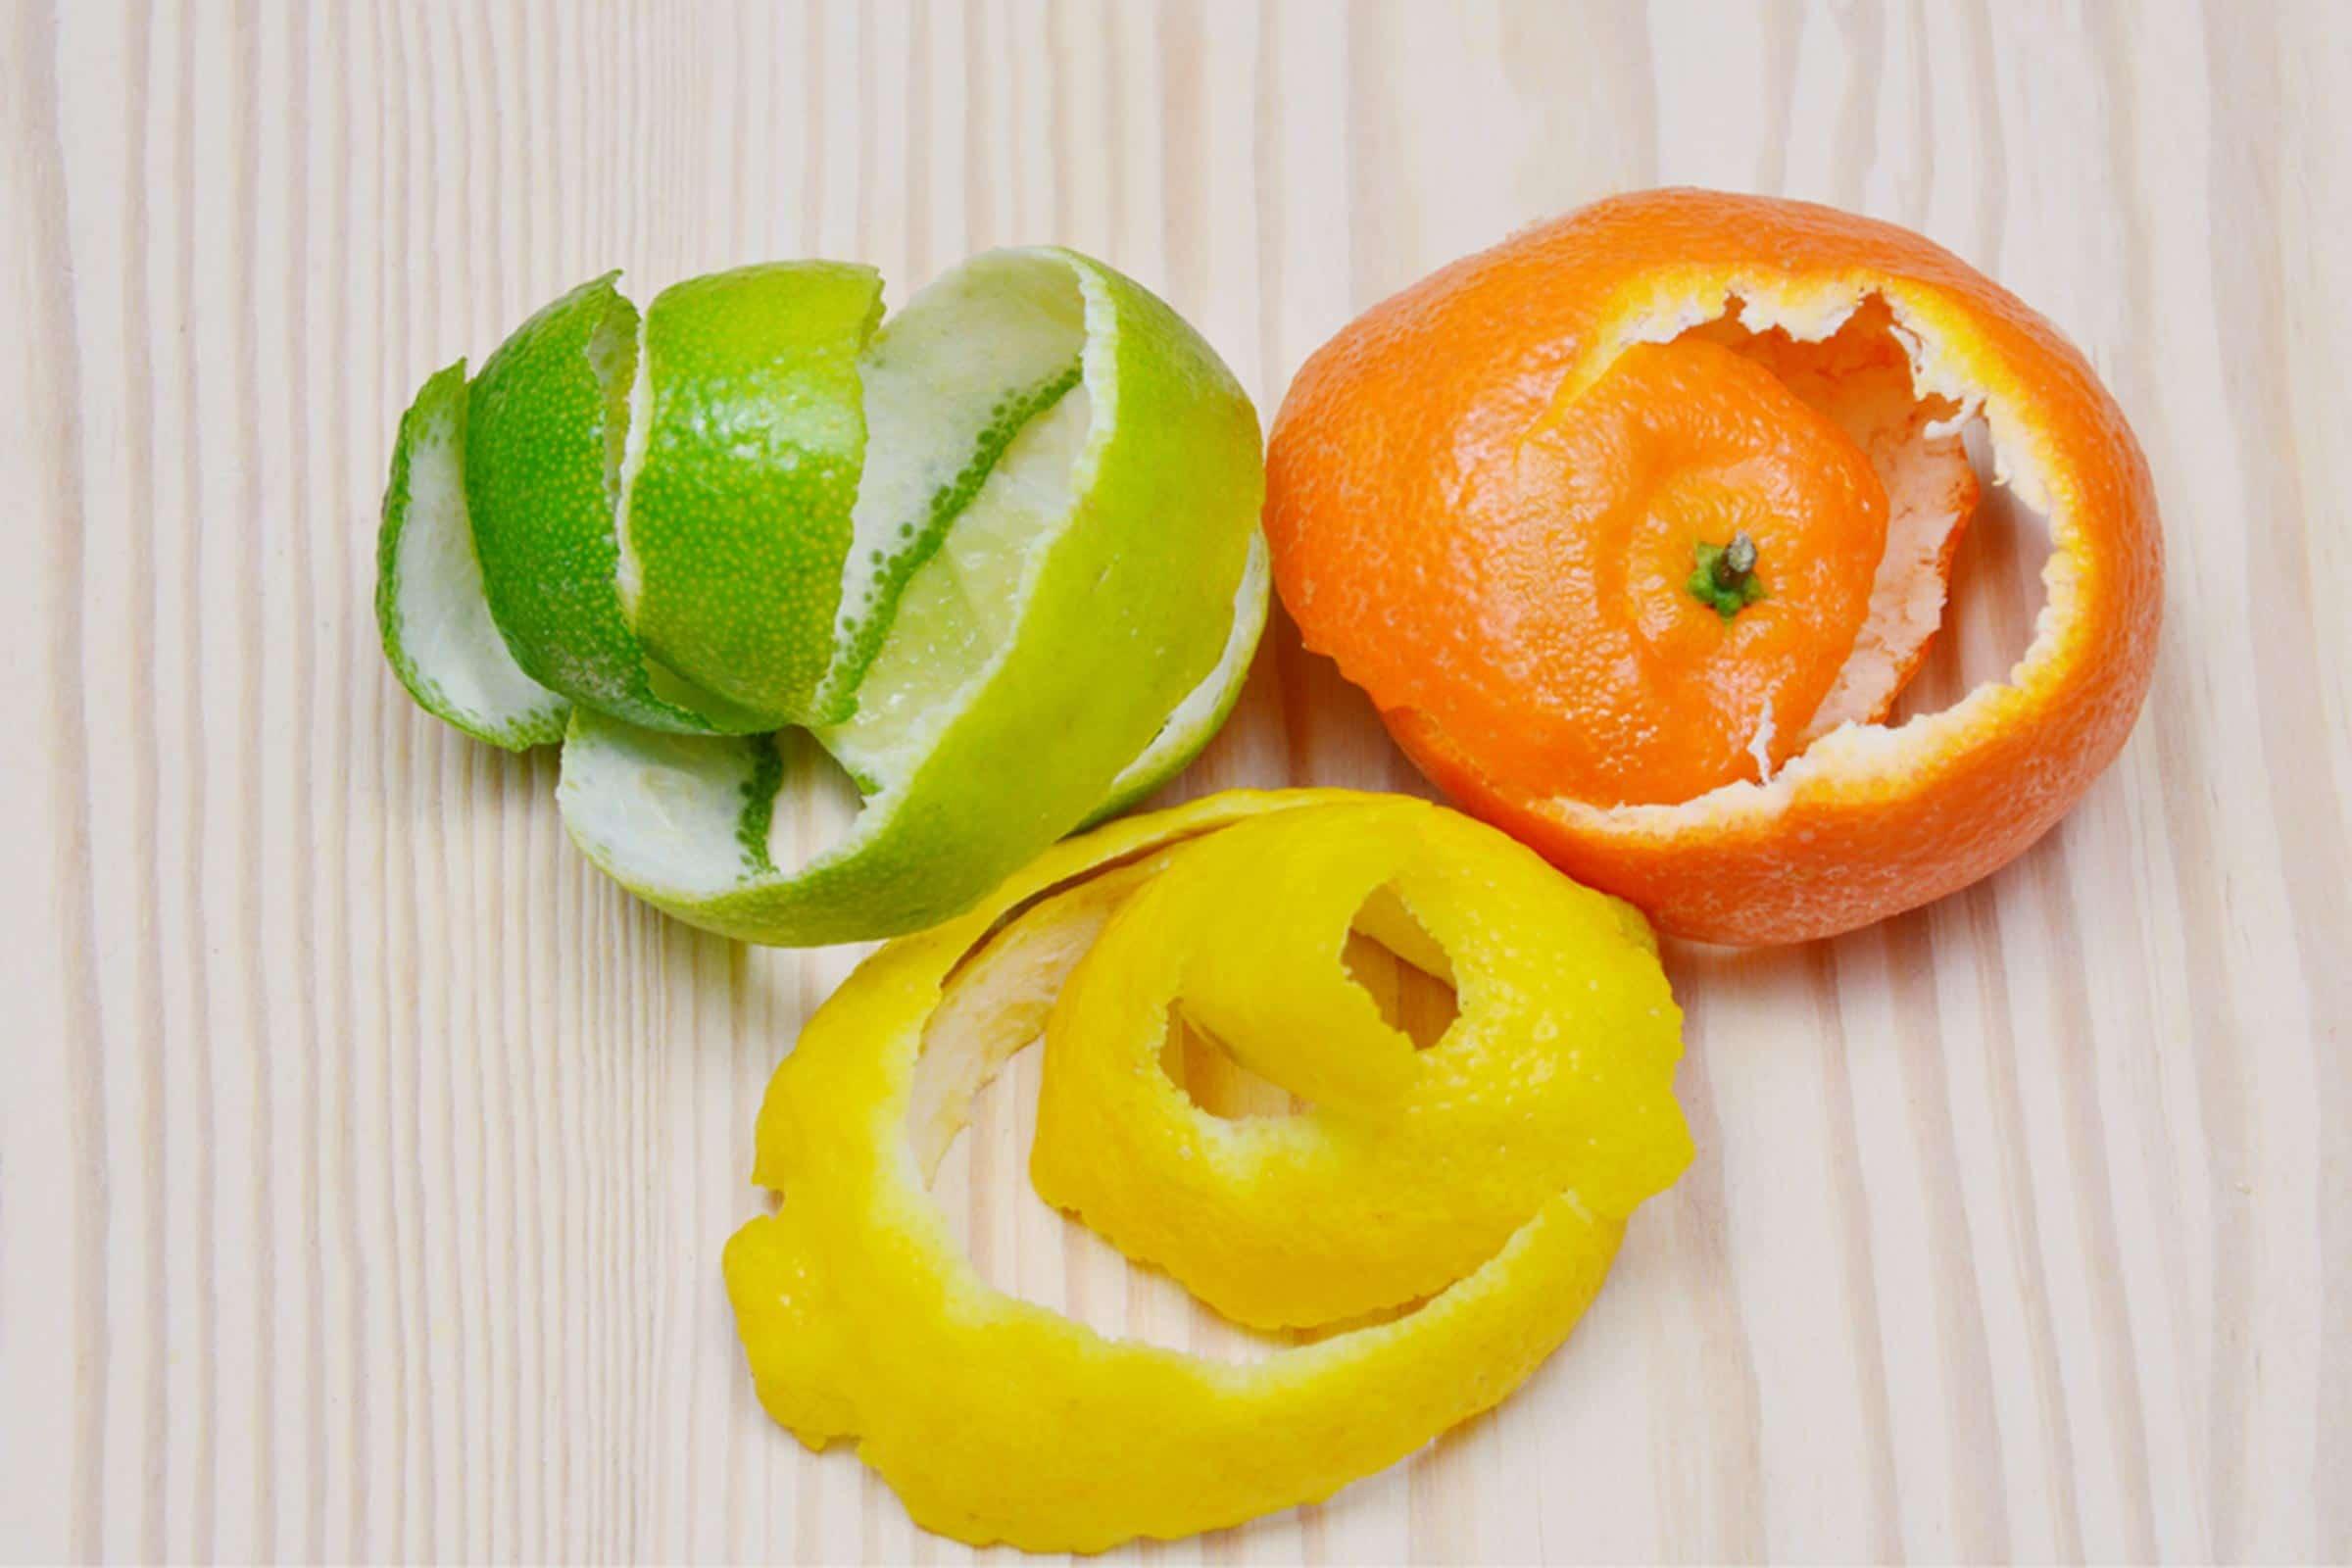 Кожура фруктов избавит от запаха гари